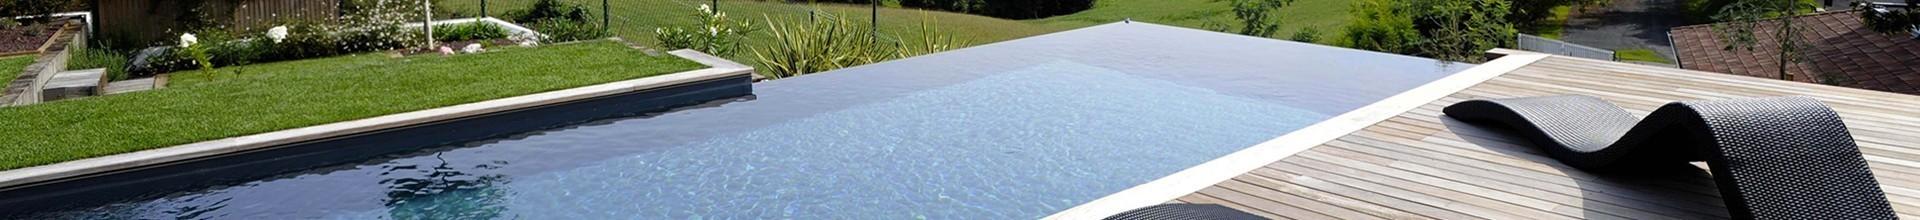 Direct usine, piscine coque prix Ettelbruck